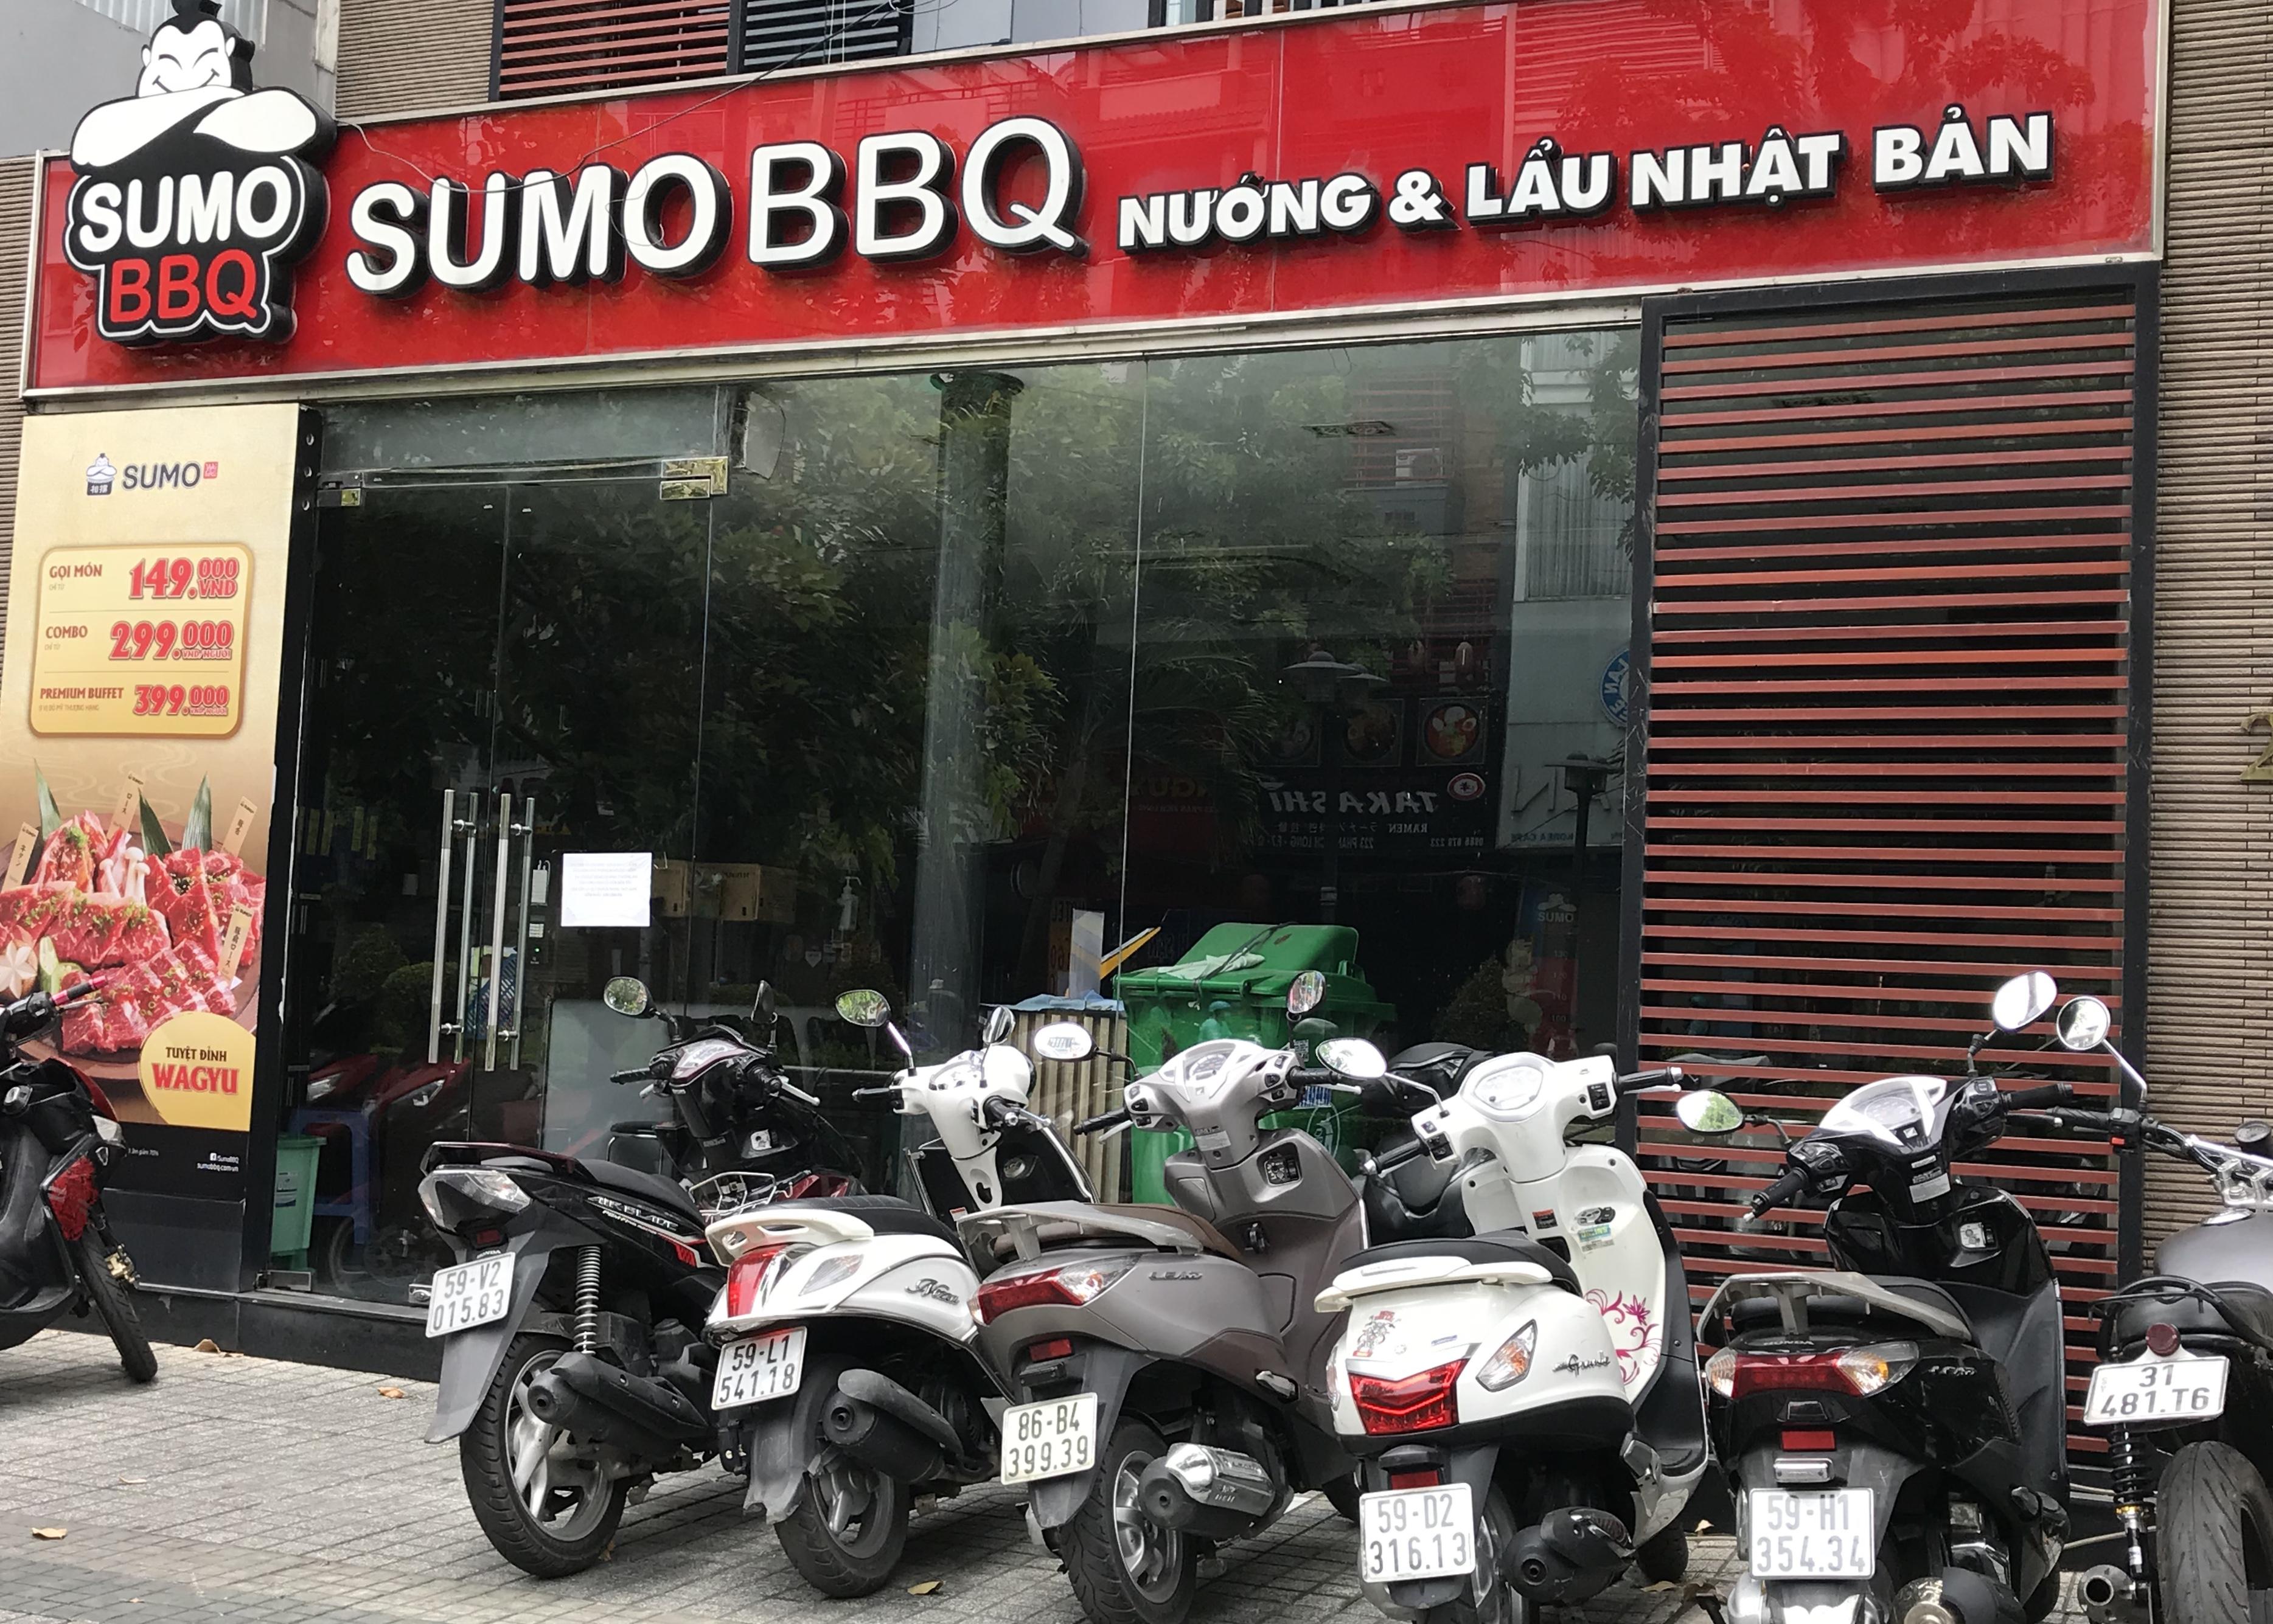 Hàng quán Sài Gòn tất bật dọn dẹp, hi vọng được mở cửa hoạt động lại vào ngày mai - Ảnh 3.